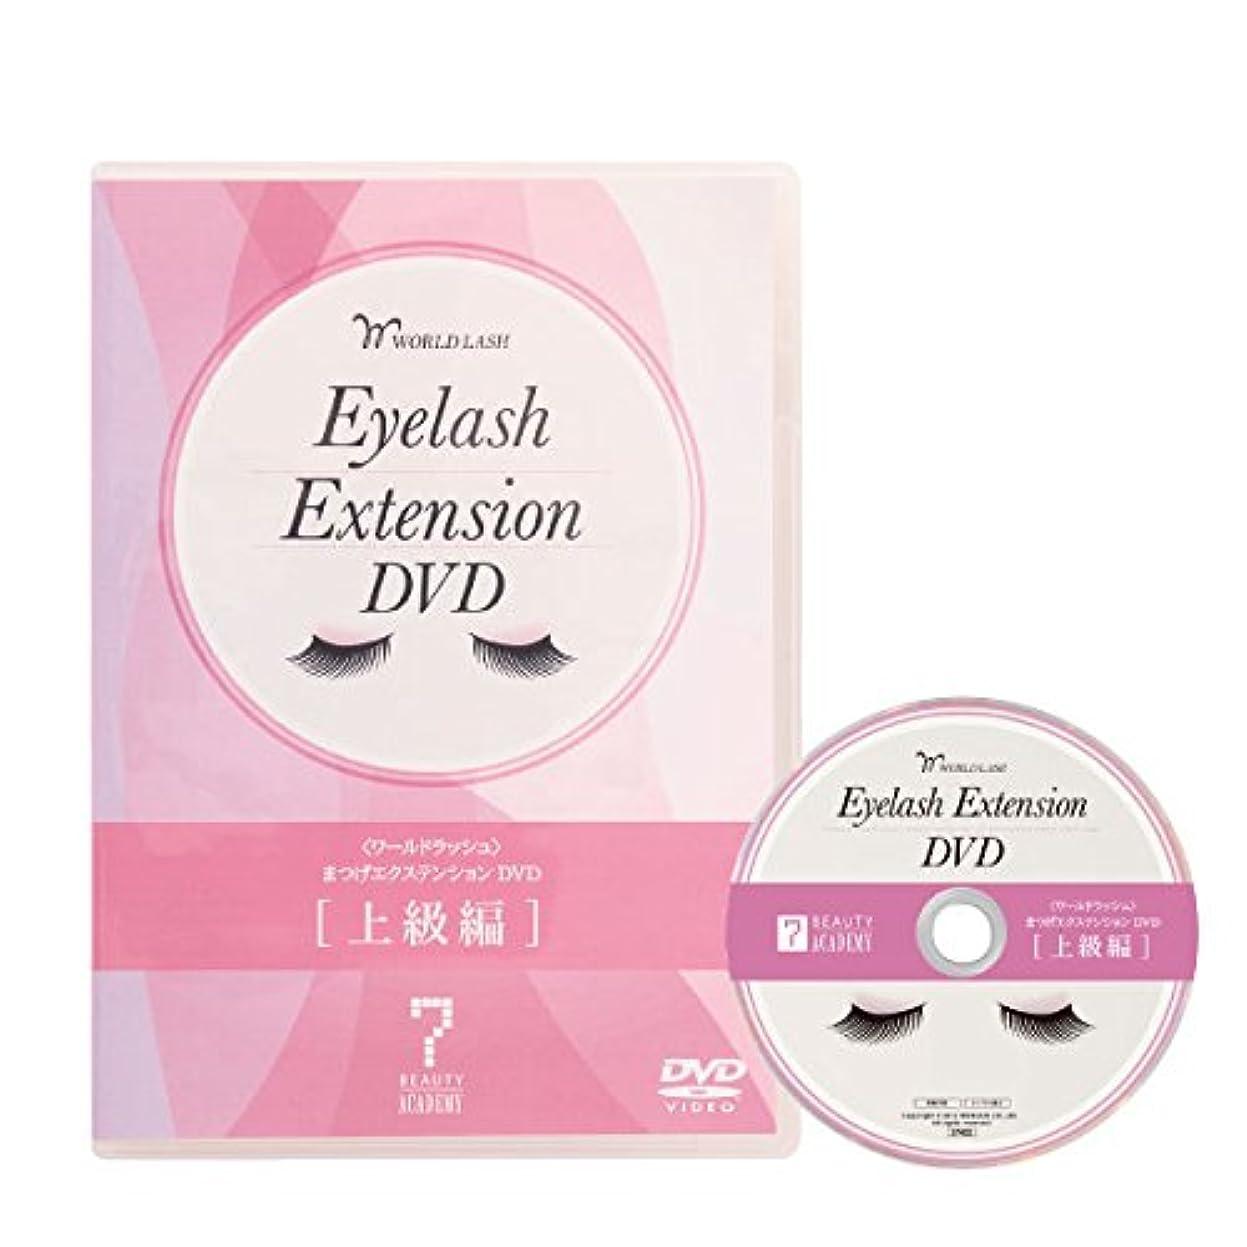 メロディーカップルラジエーター< WORLD LASH > まつげエクステンション DVD (上級編) [ 教材 テキスト DVD まつげエクステ まつ毛エクステ まつエク マツエク サロン用 ]